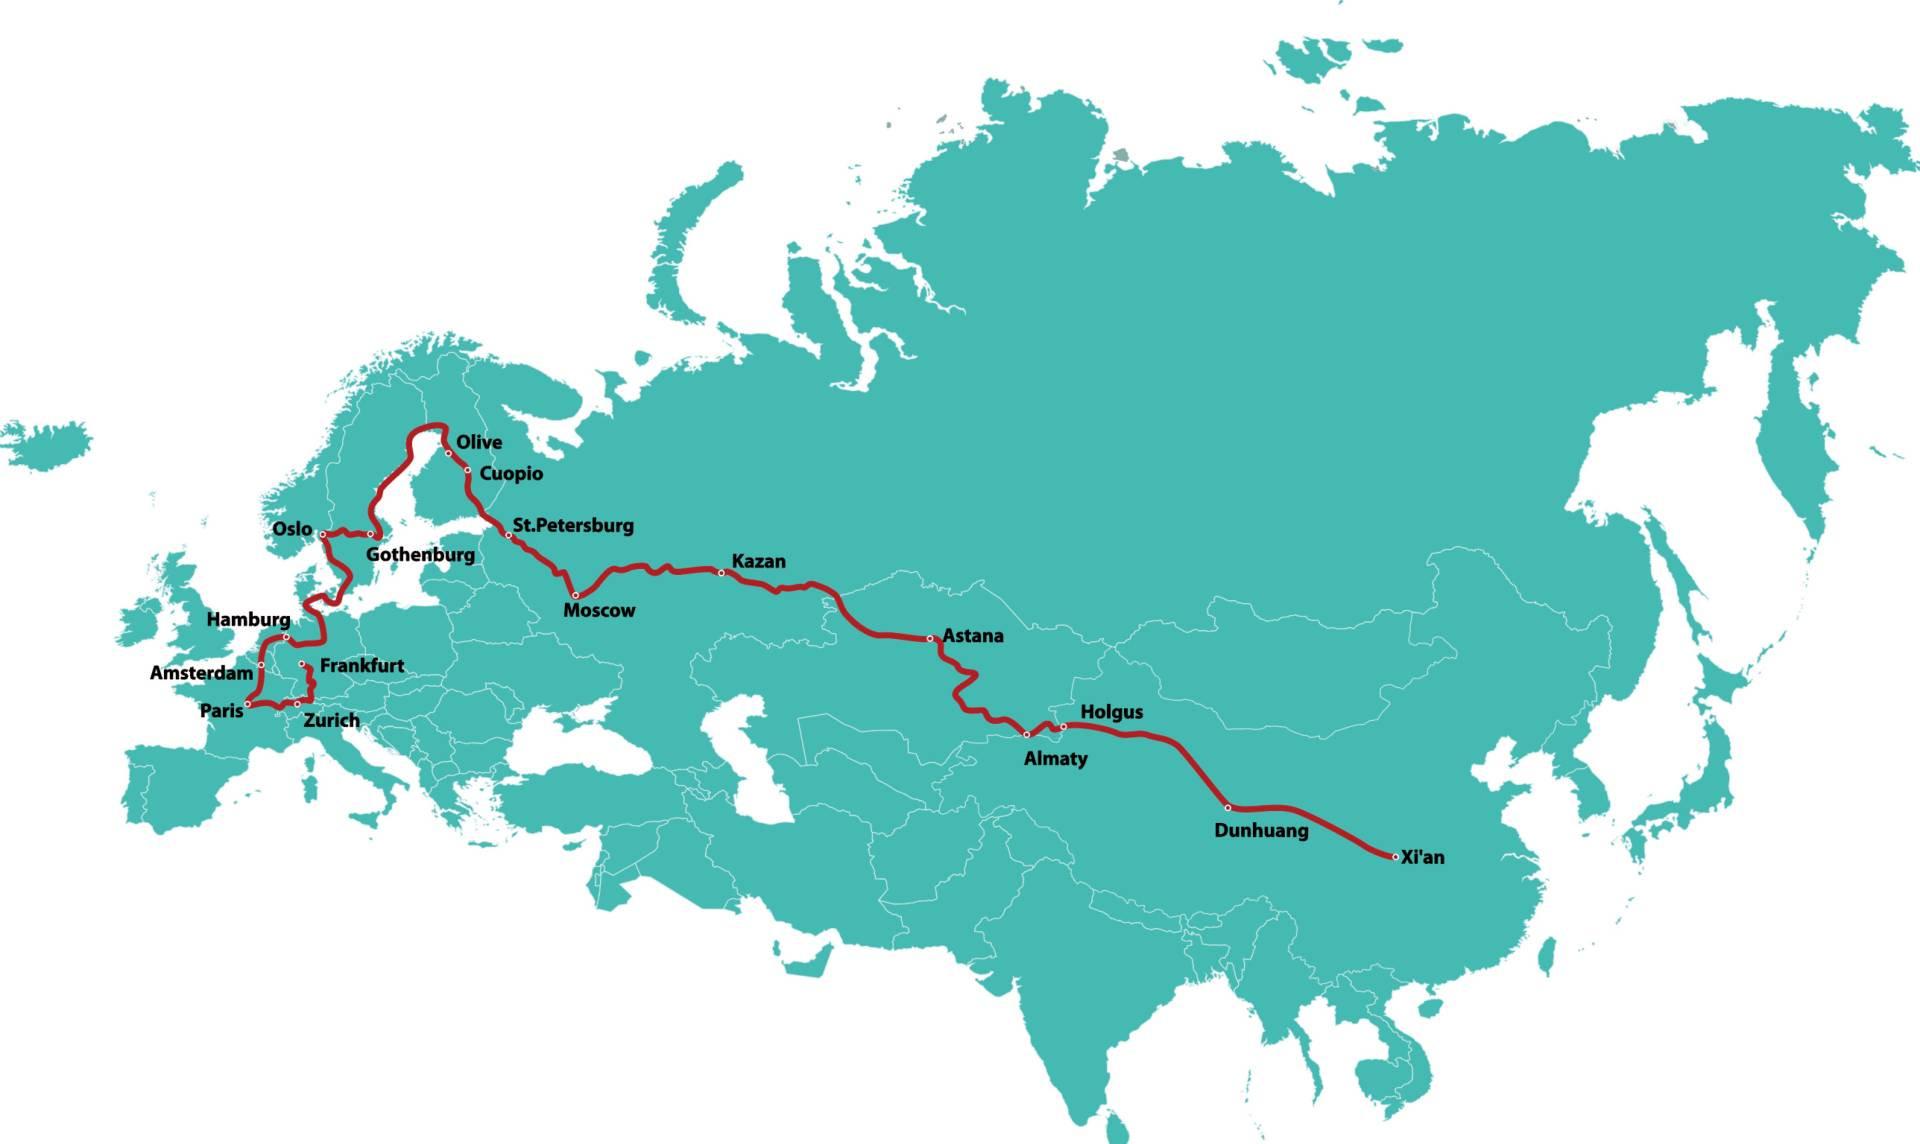 Bản đồ di chuyển của 2 chiếc xe SUV chạy điện Aiways